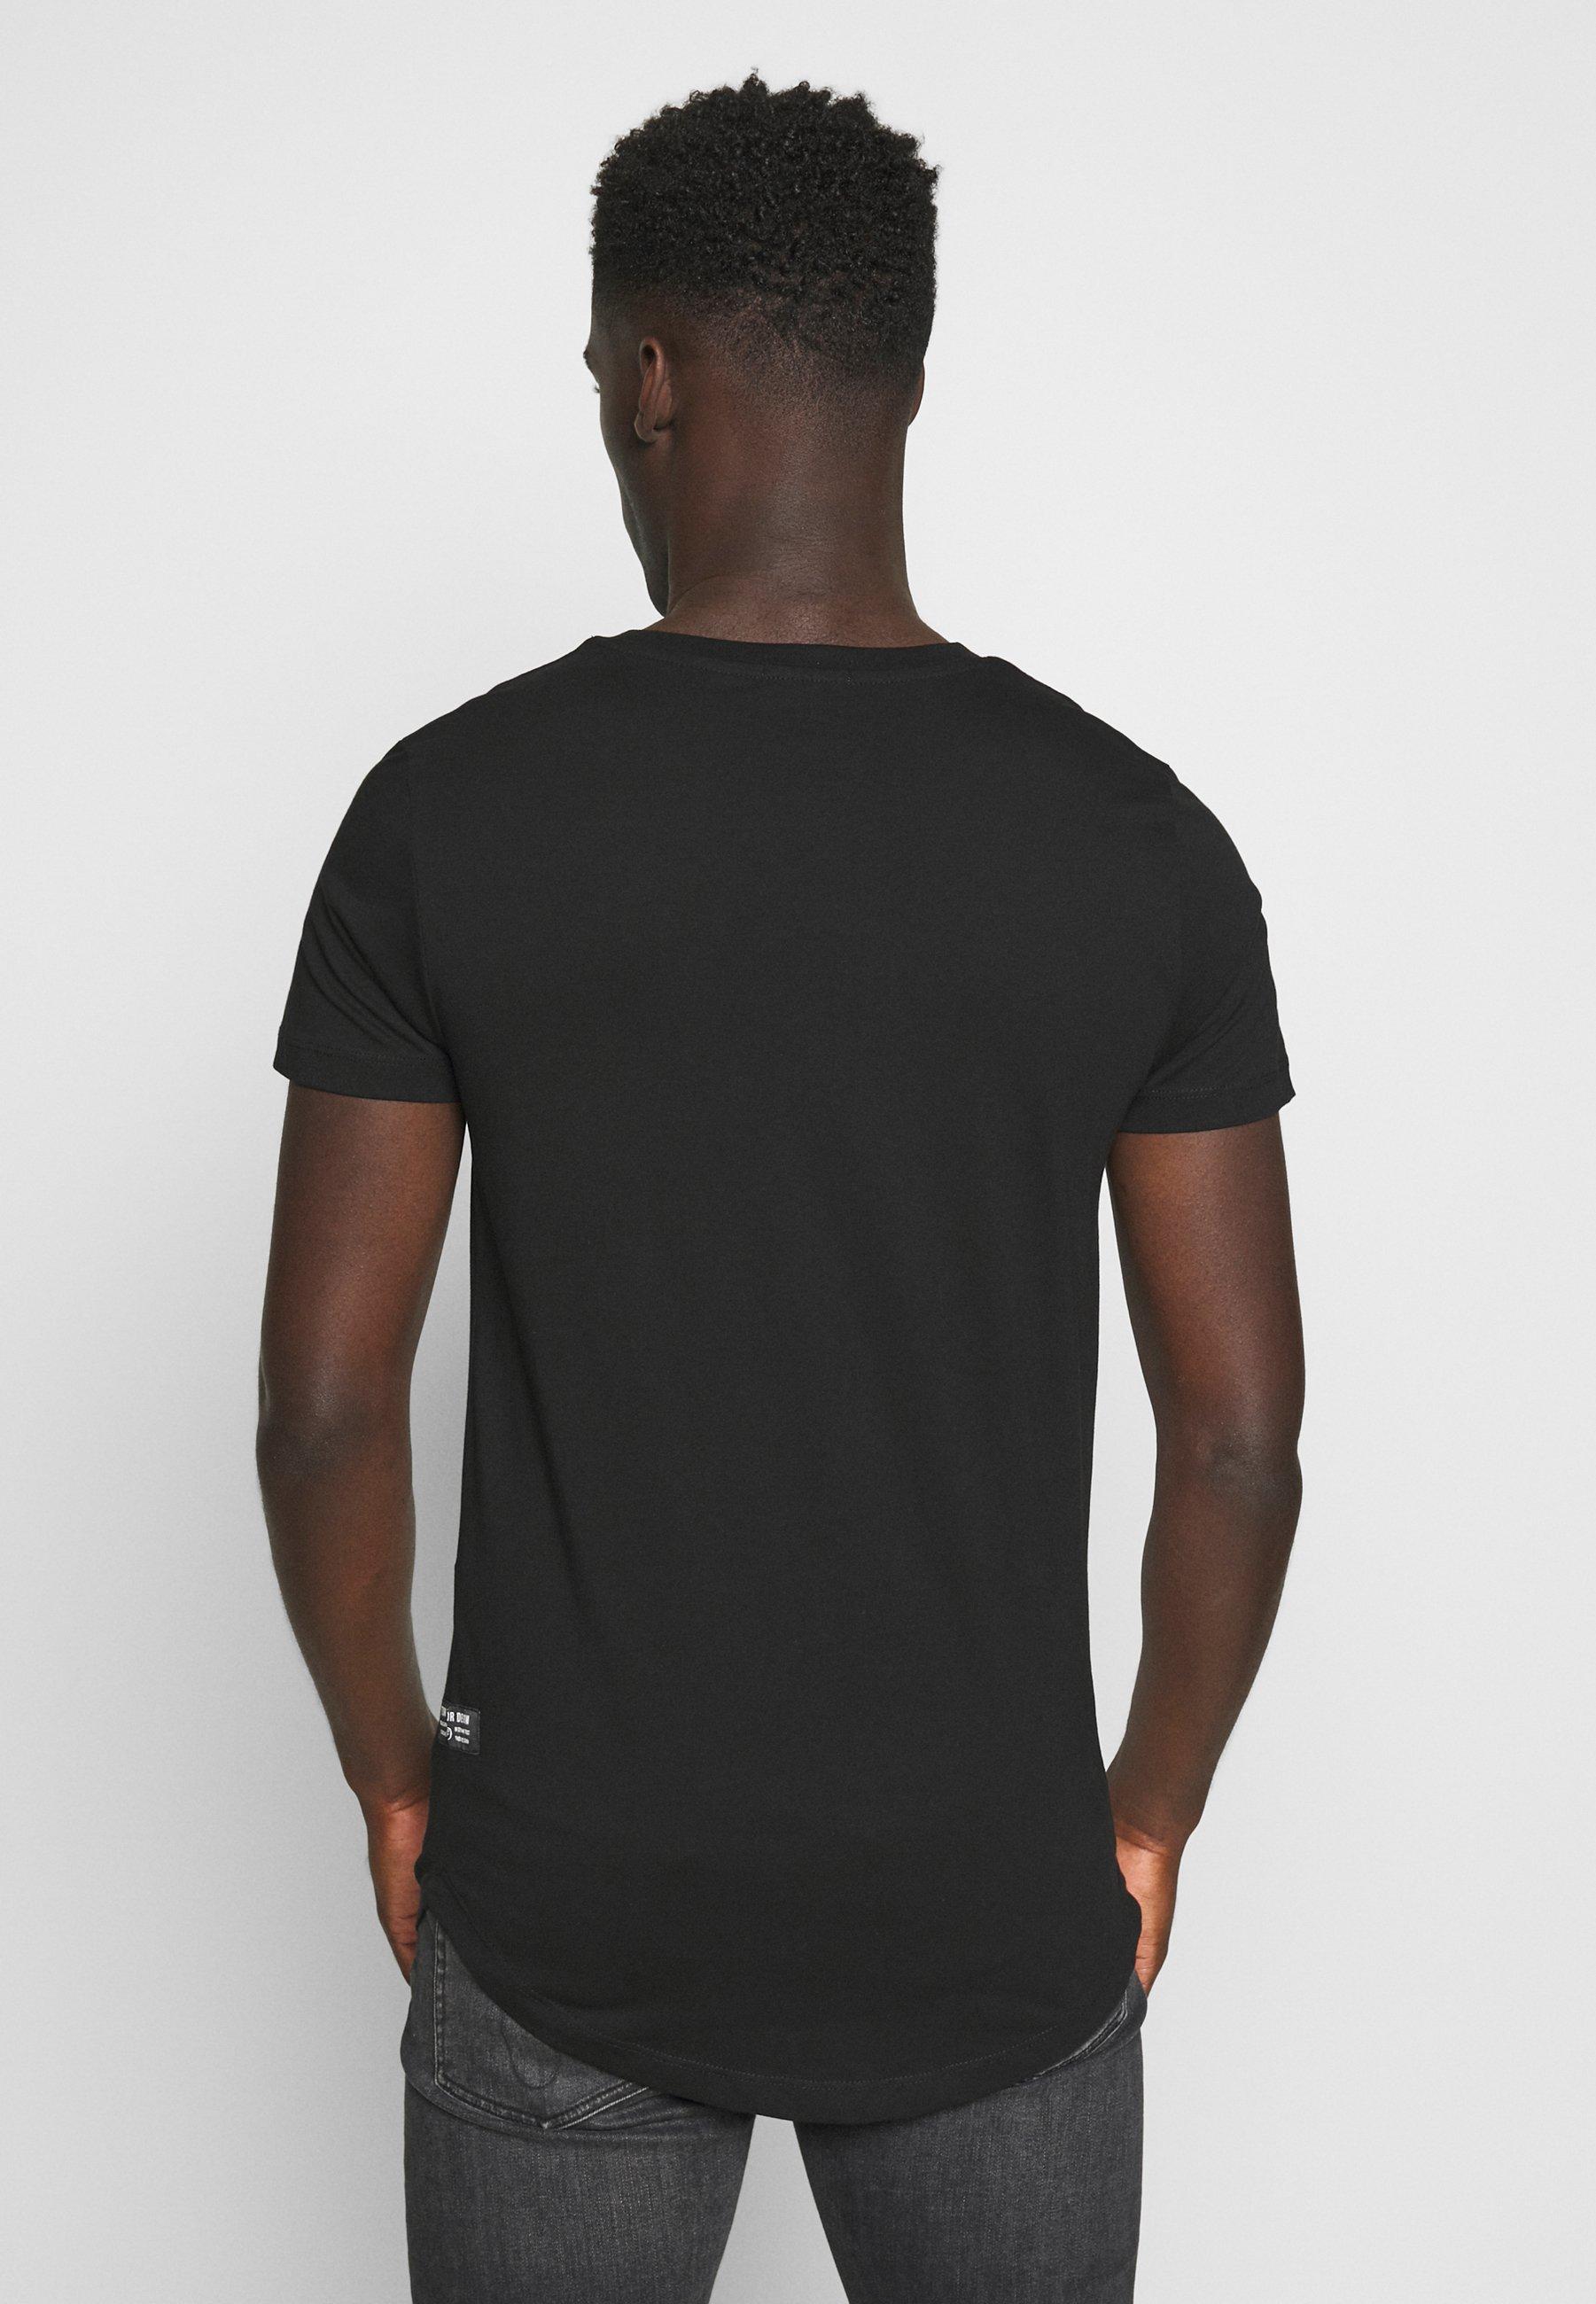 TOM TAILOR DENIM BADGE - Basic T-shirt - black ahkIy